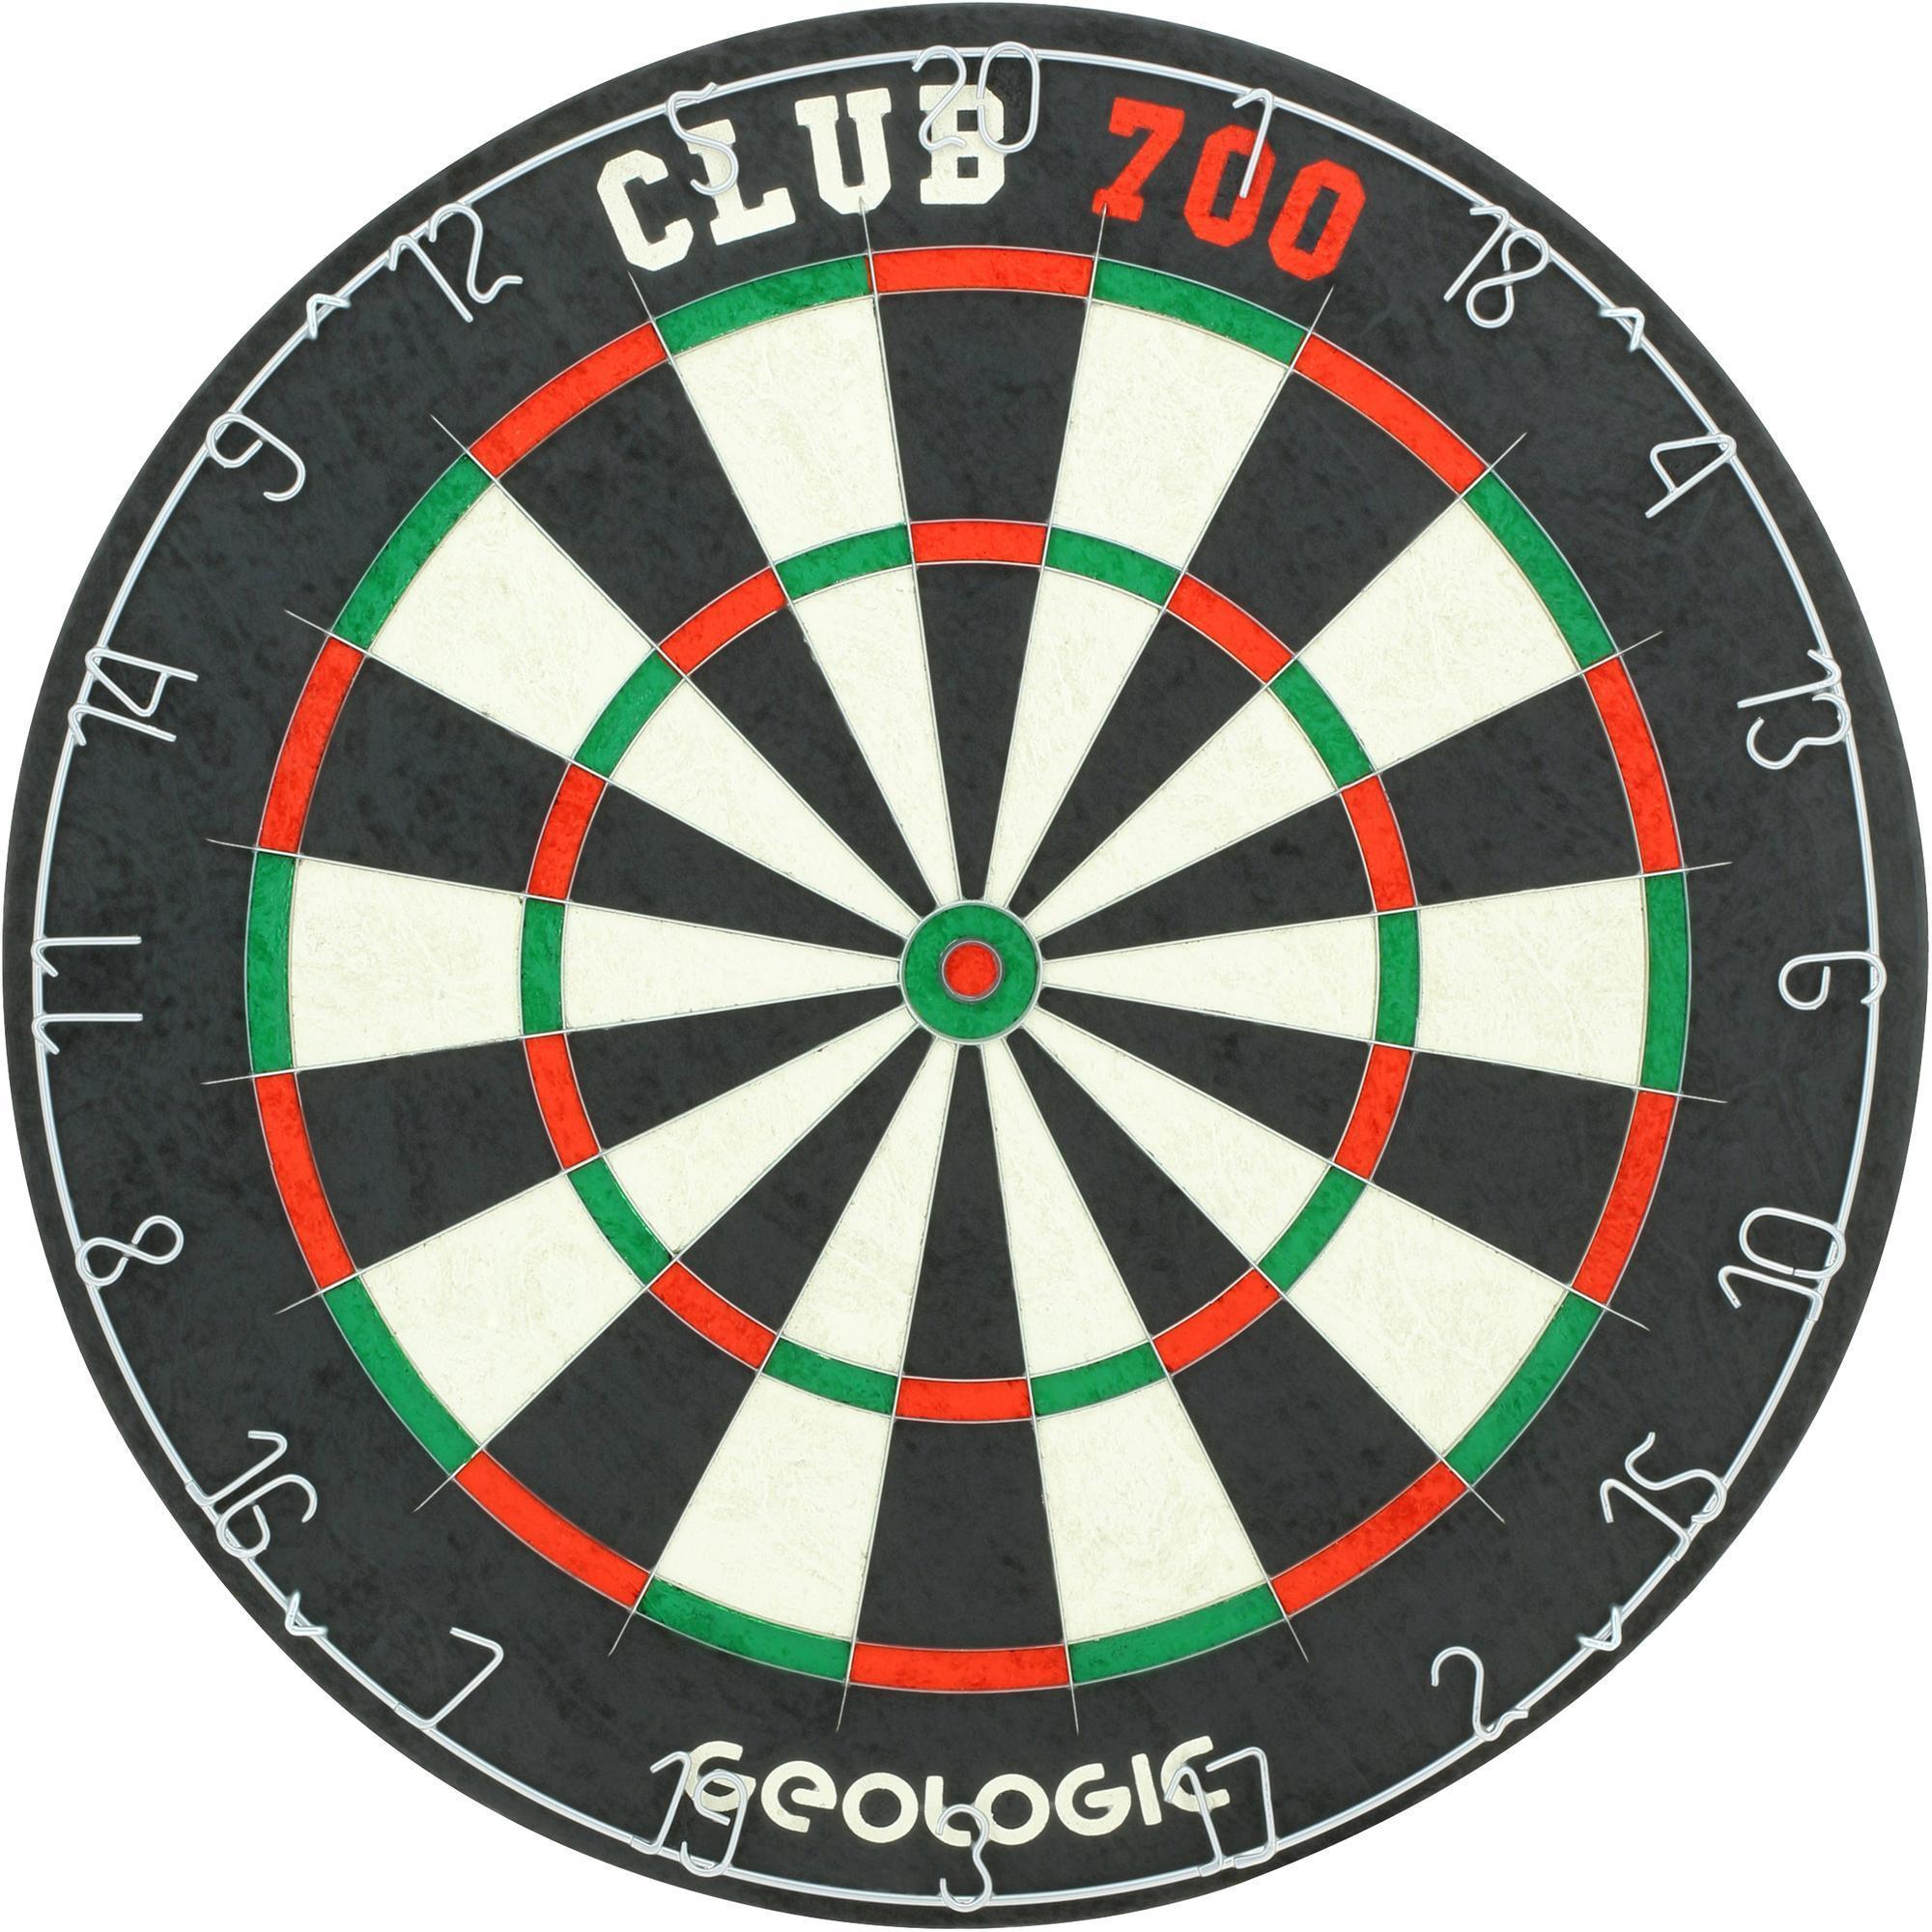 Geologic Dartbord Club 700